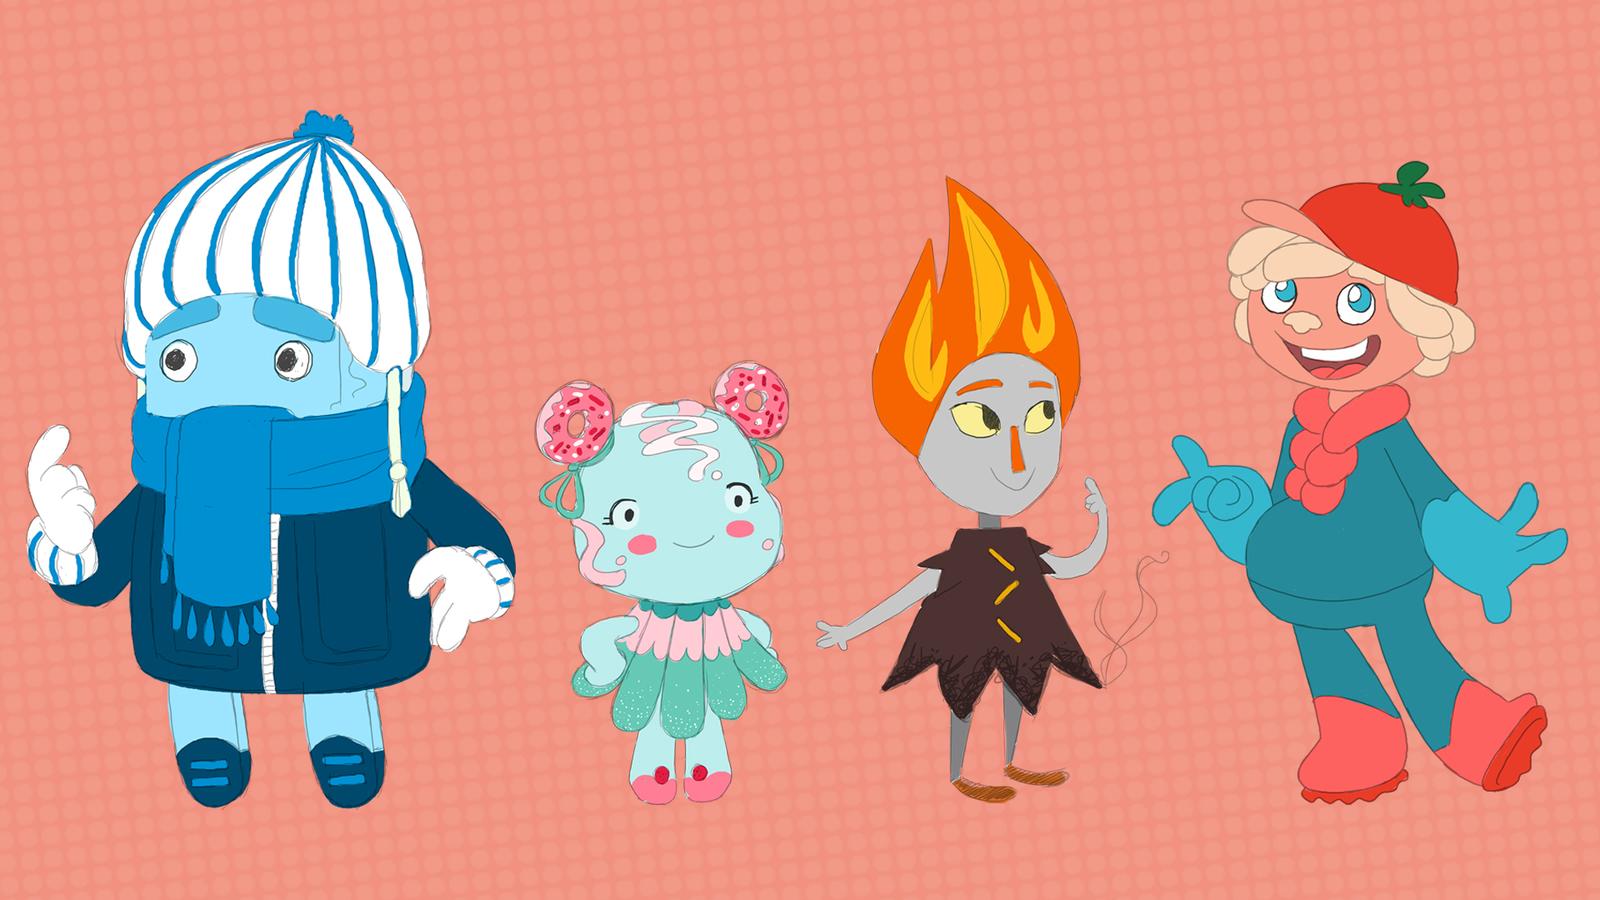 Artwork of main characters, Henry Fridge, Suzi Sweet, Smoki Oven and Sav Savorio